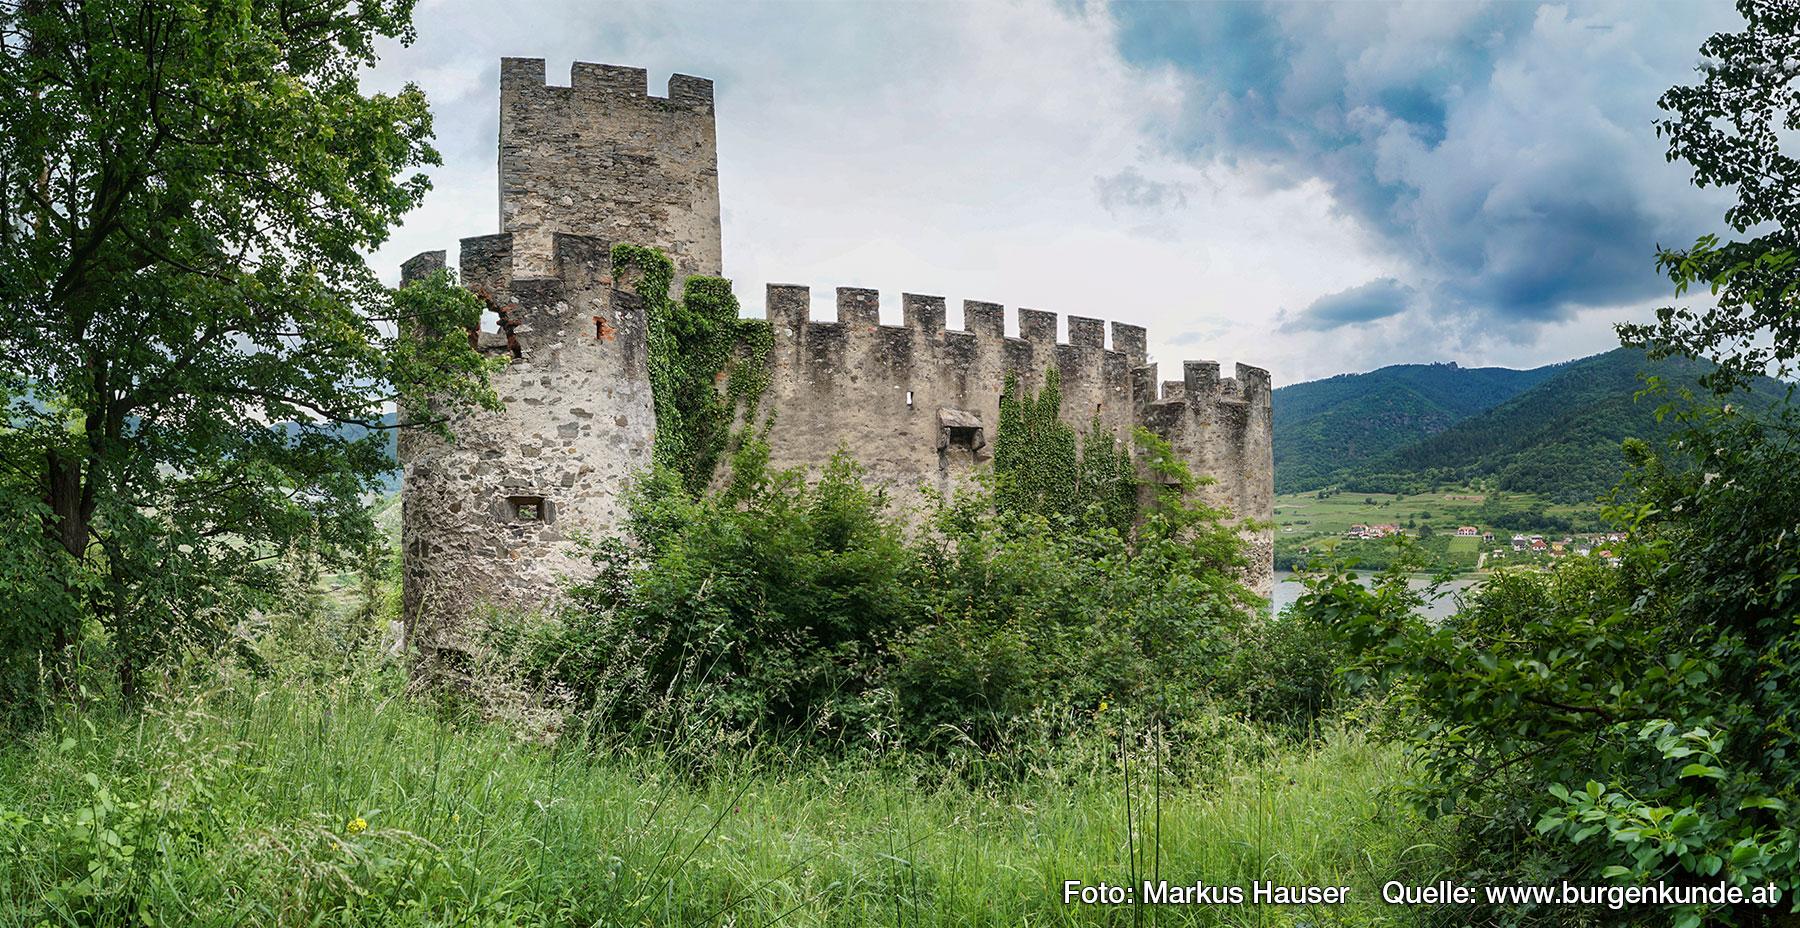 Die bergseitige Vorburg wird bereits durch traditionell gestaltete Wehrelemente der frühen Renaissance bestimmt.